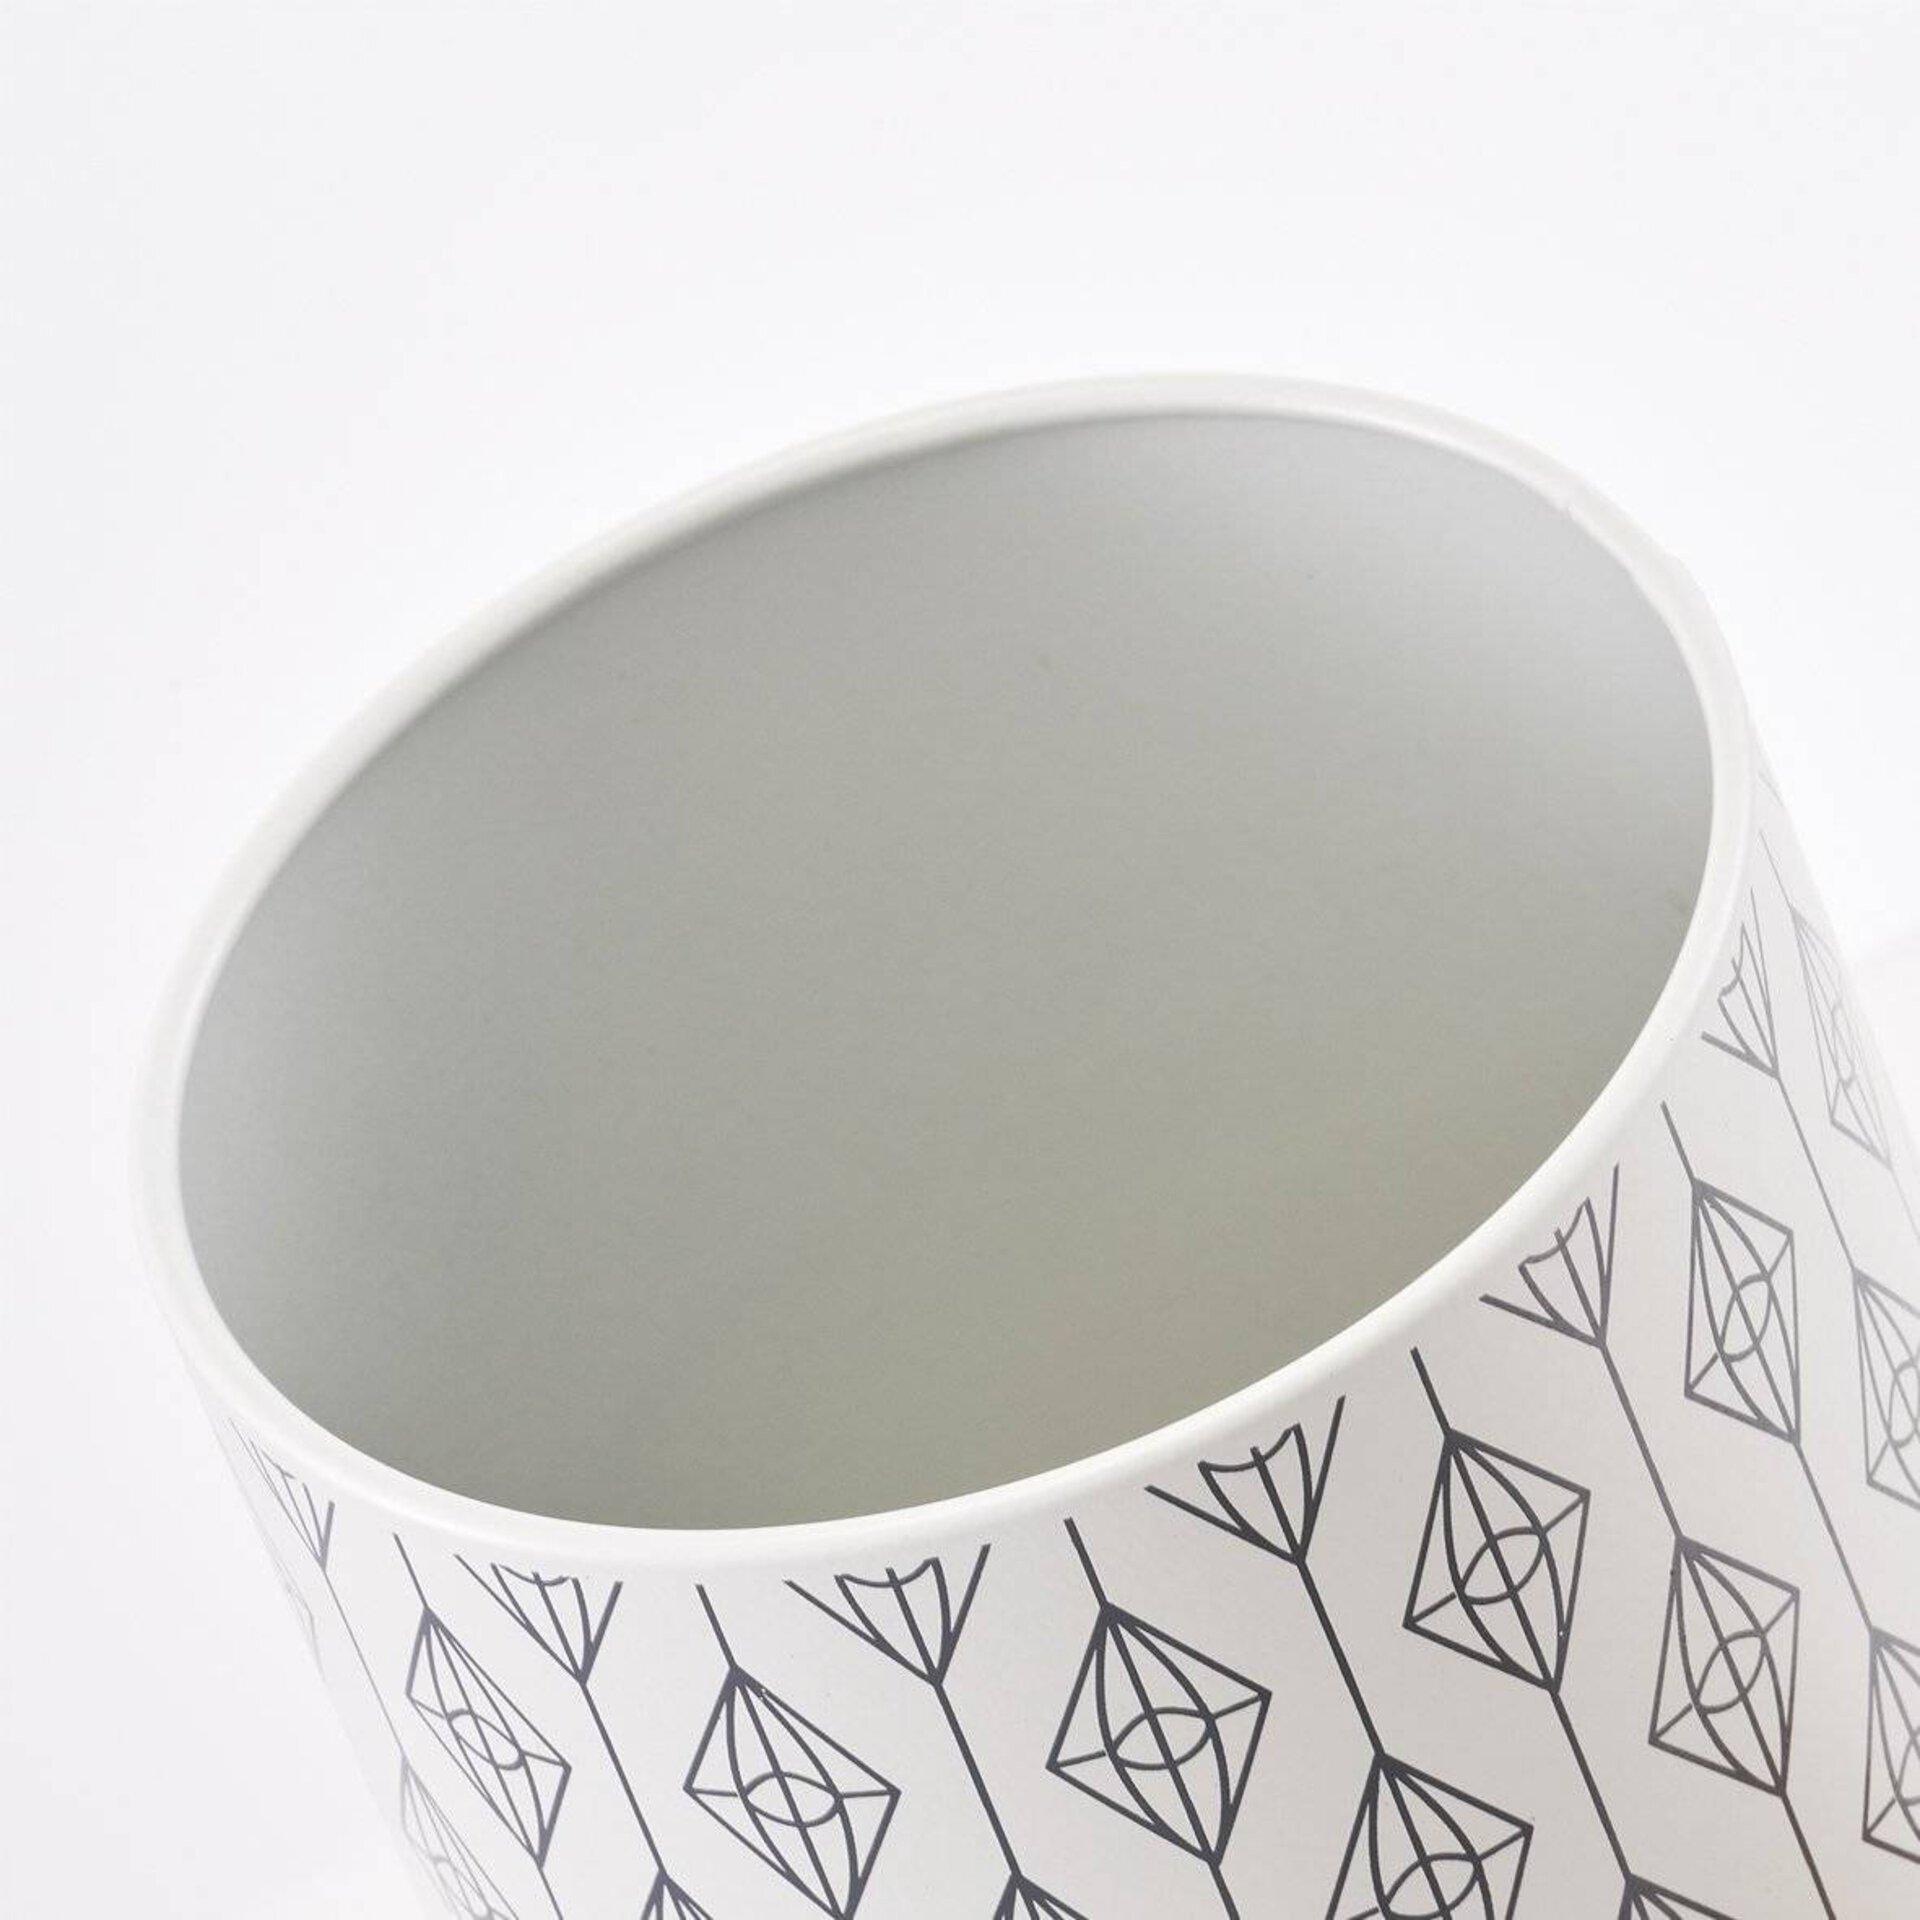 Aufbewahrung Bamboo Zeller Present Metall grau 10 x 16 x